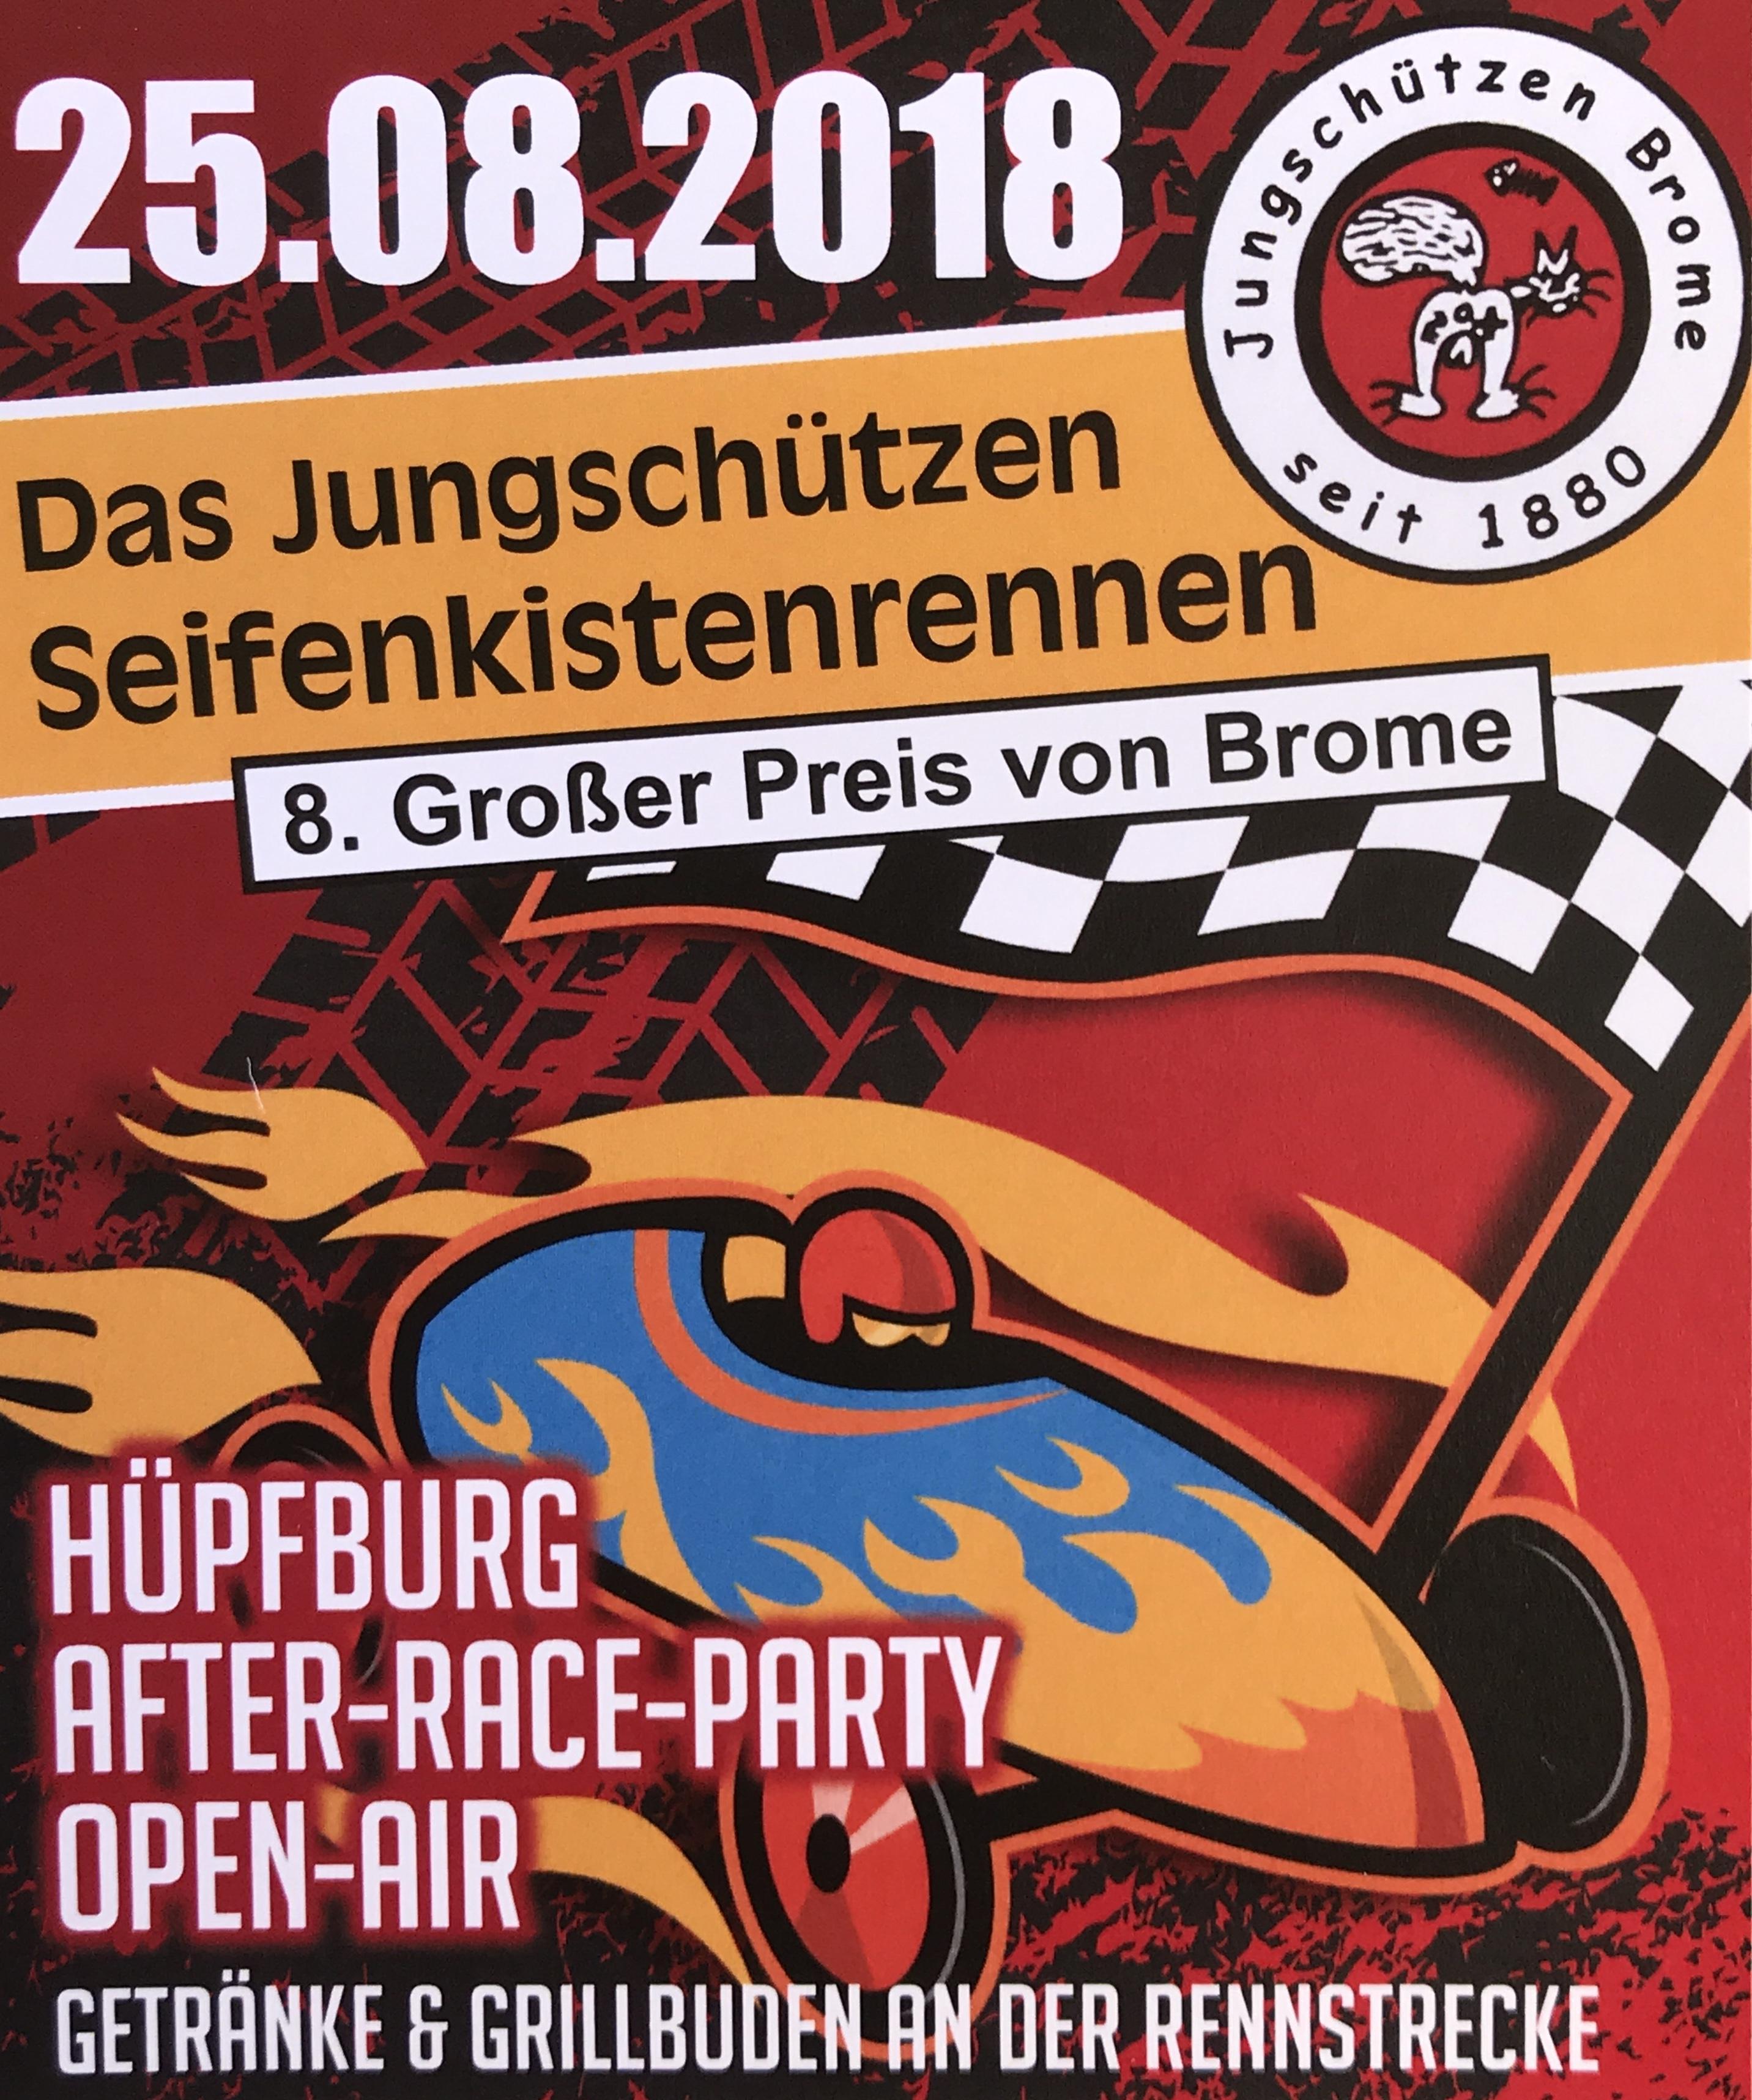 Der 8. Große Preis Von Brome – Seifenkistenrennen 2018